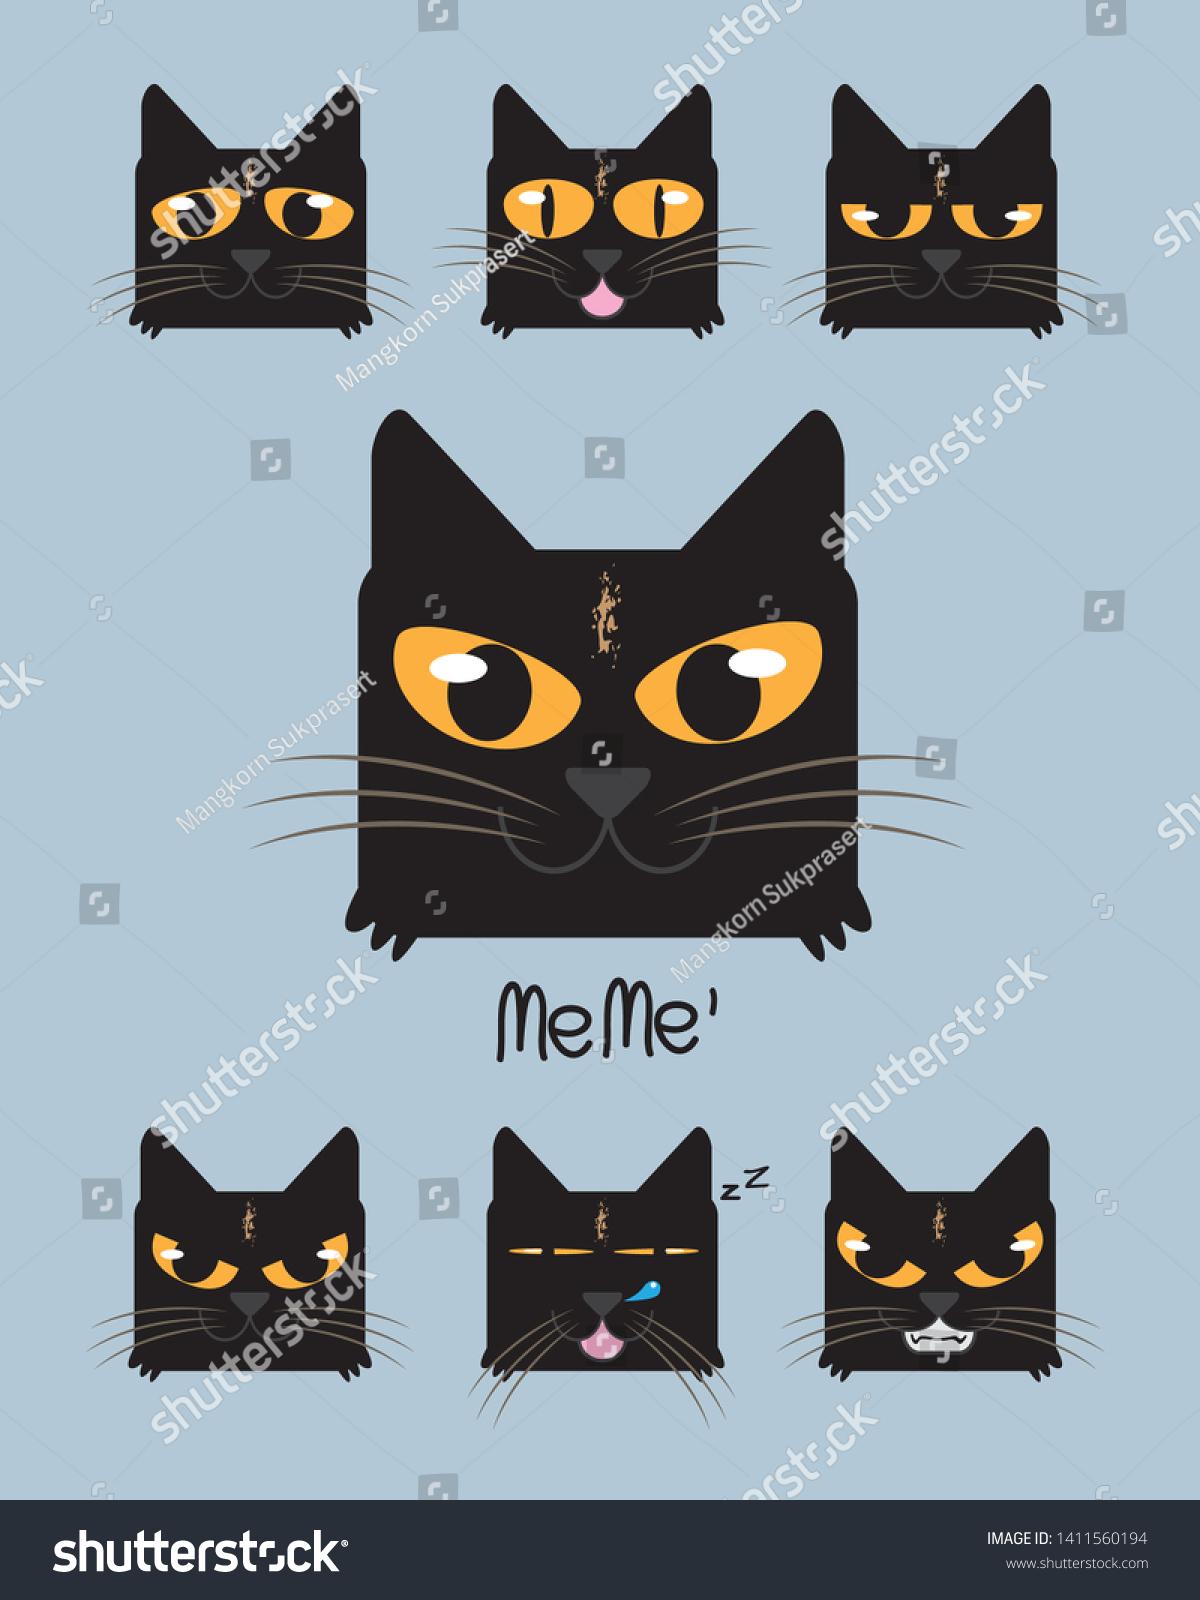 Cute Black Cat Face Cartoon Stock Vector Royalty Free 1411560194